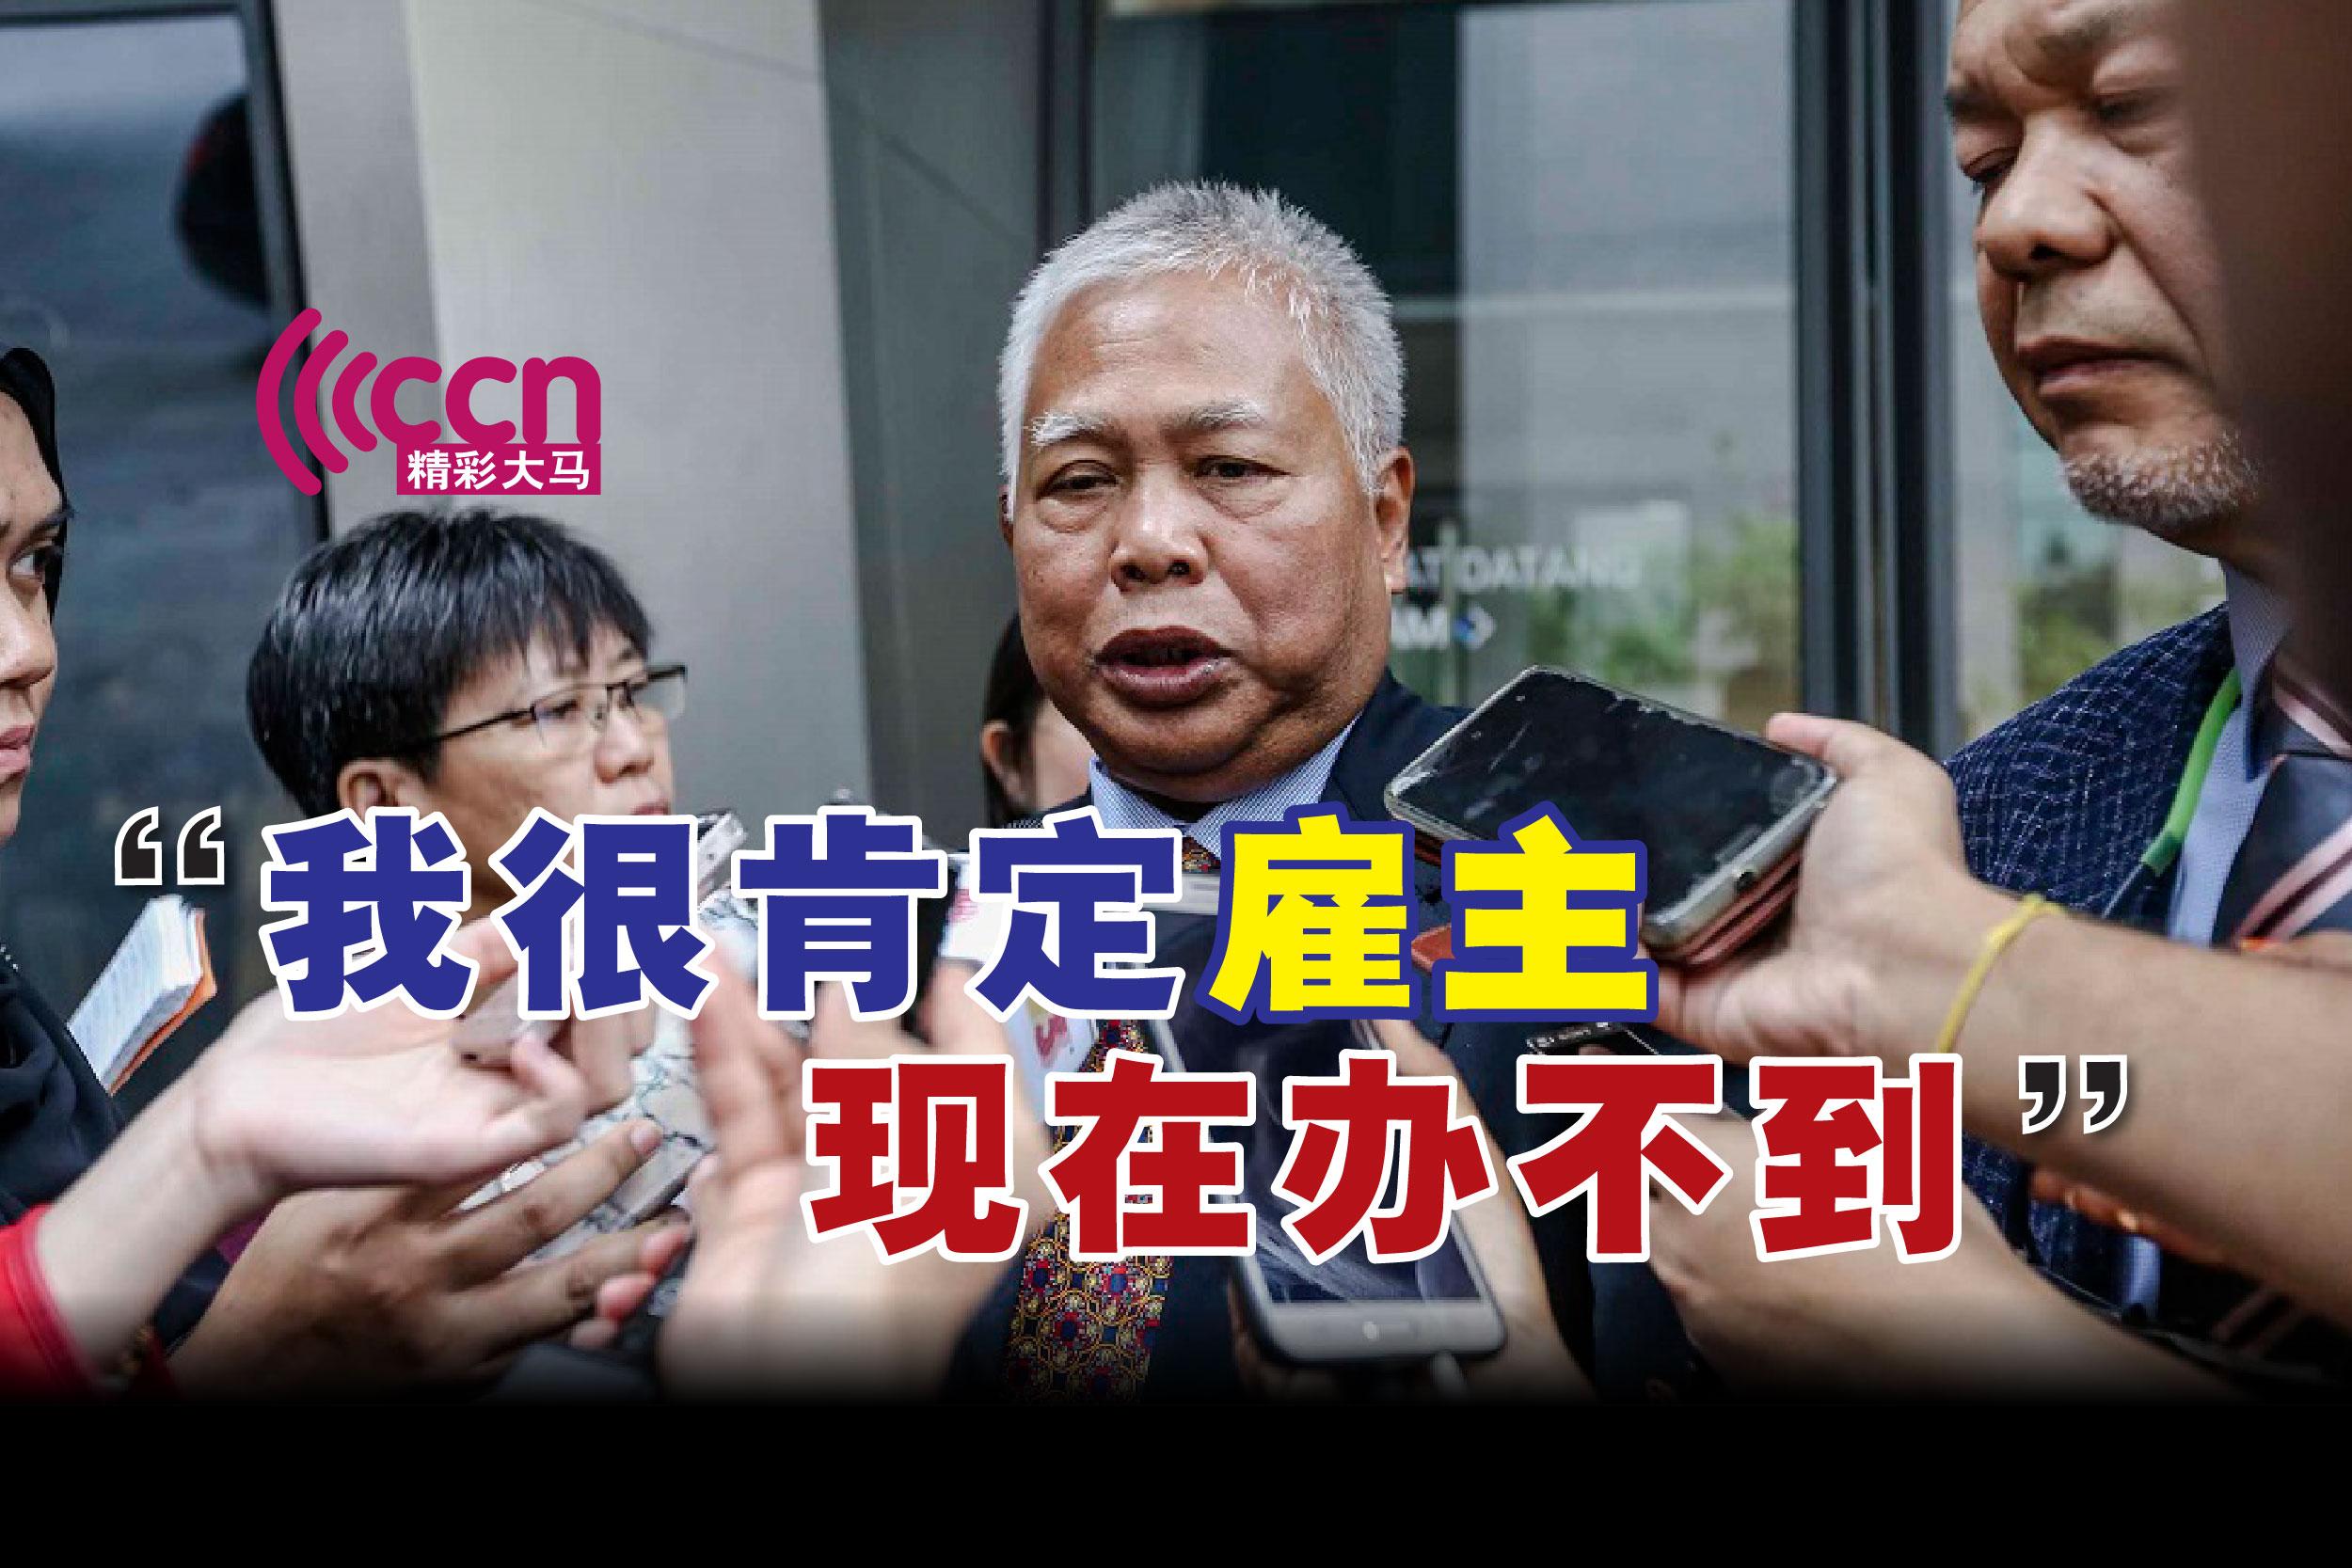 山苏丁说,他很肯定雇主现在没本事将员工薪金调涨60%。-Firdaus Latif摄,精彩大马制图-